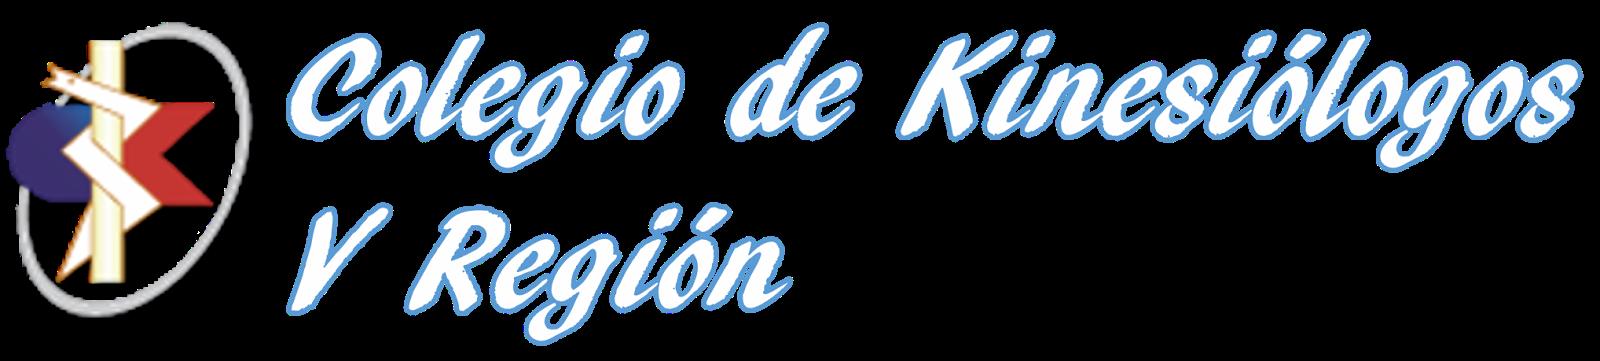 Colegio de Kinesiólogos V Región